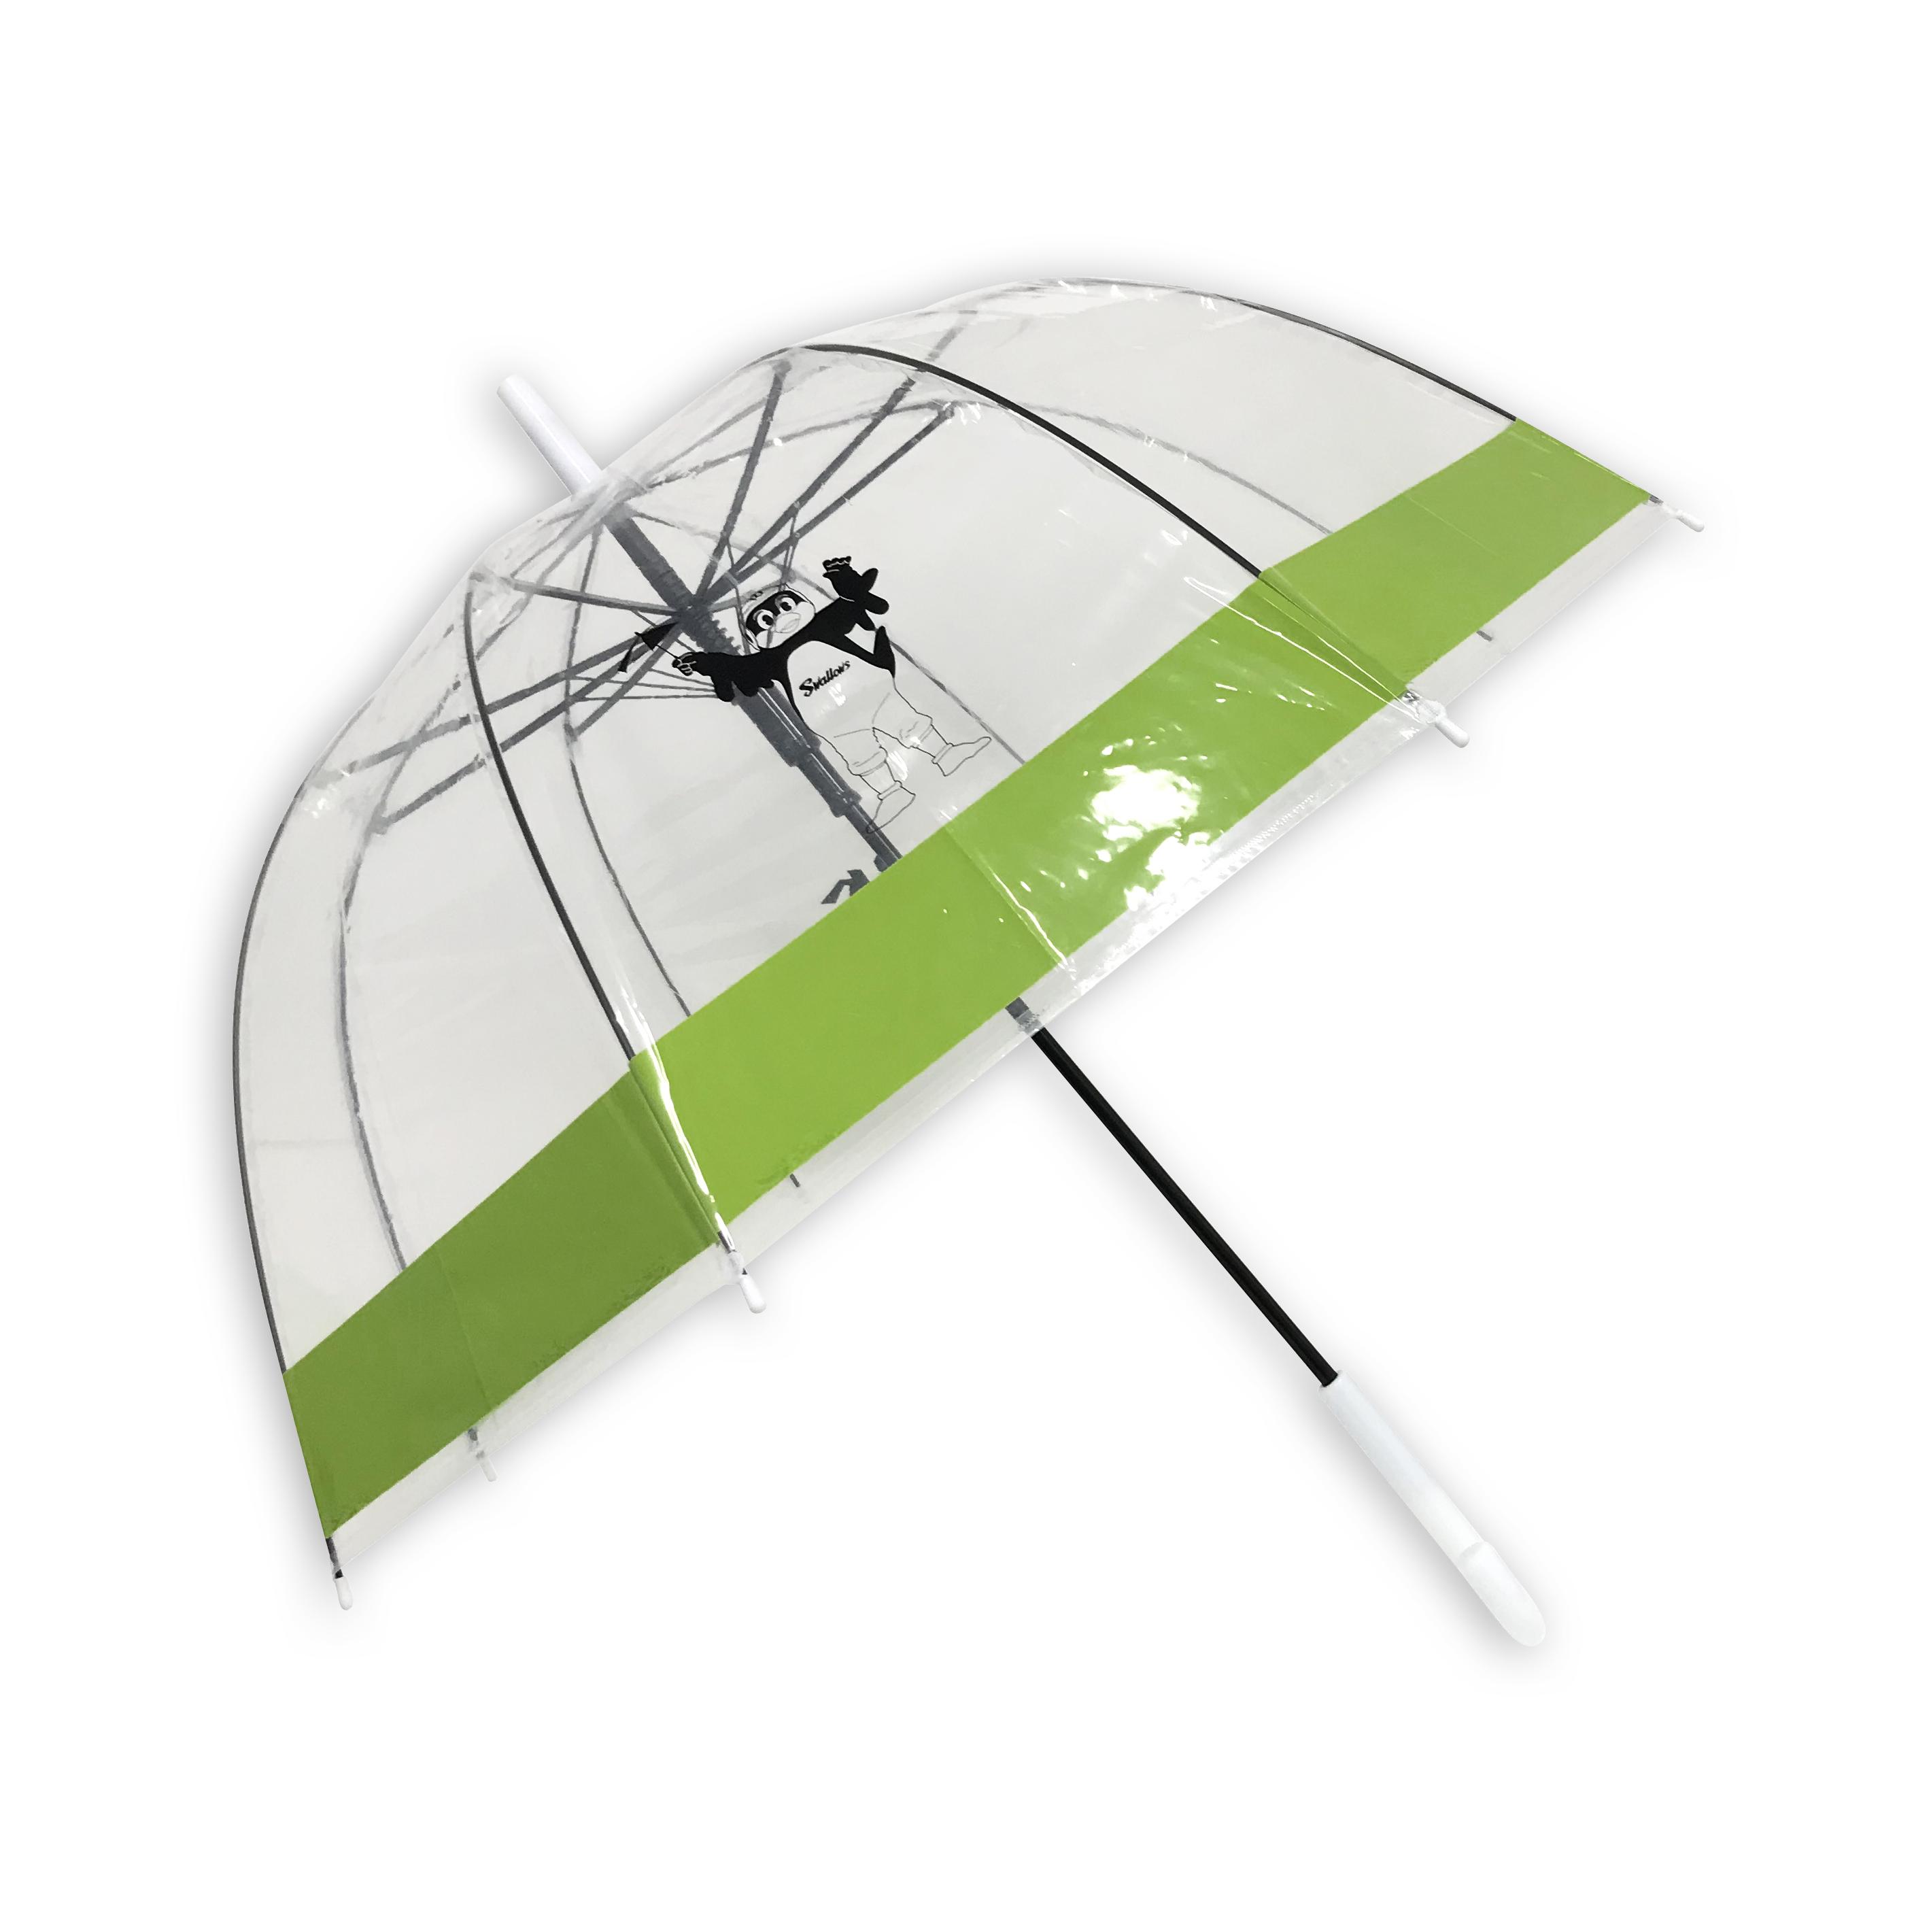 つば九郎ドーム型傘